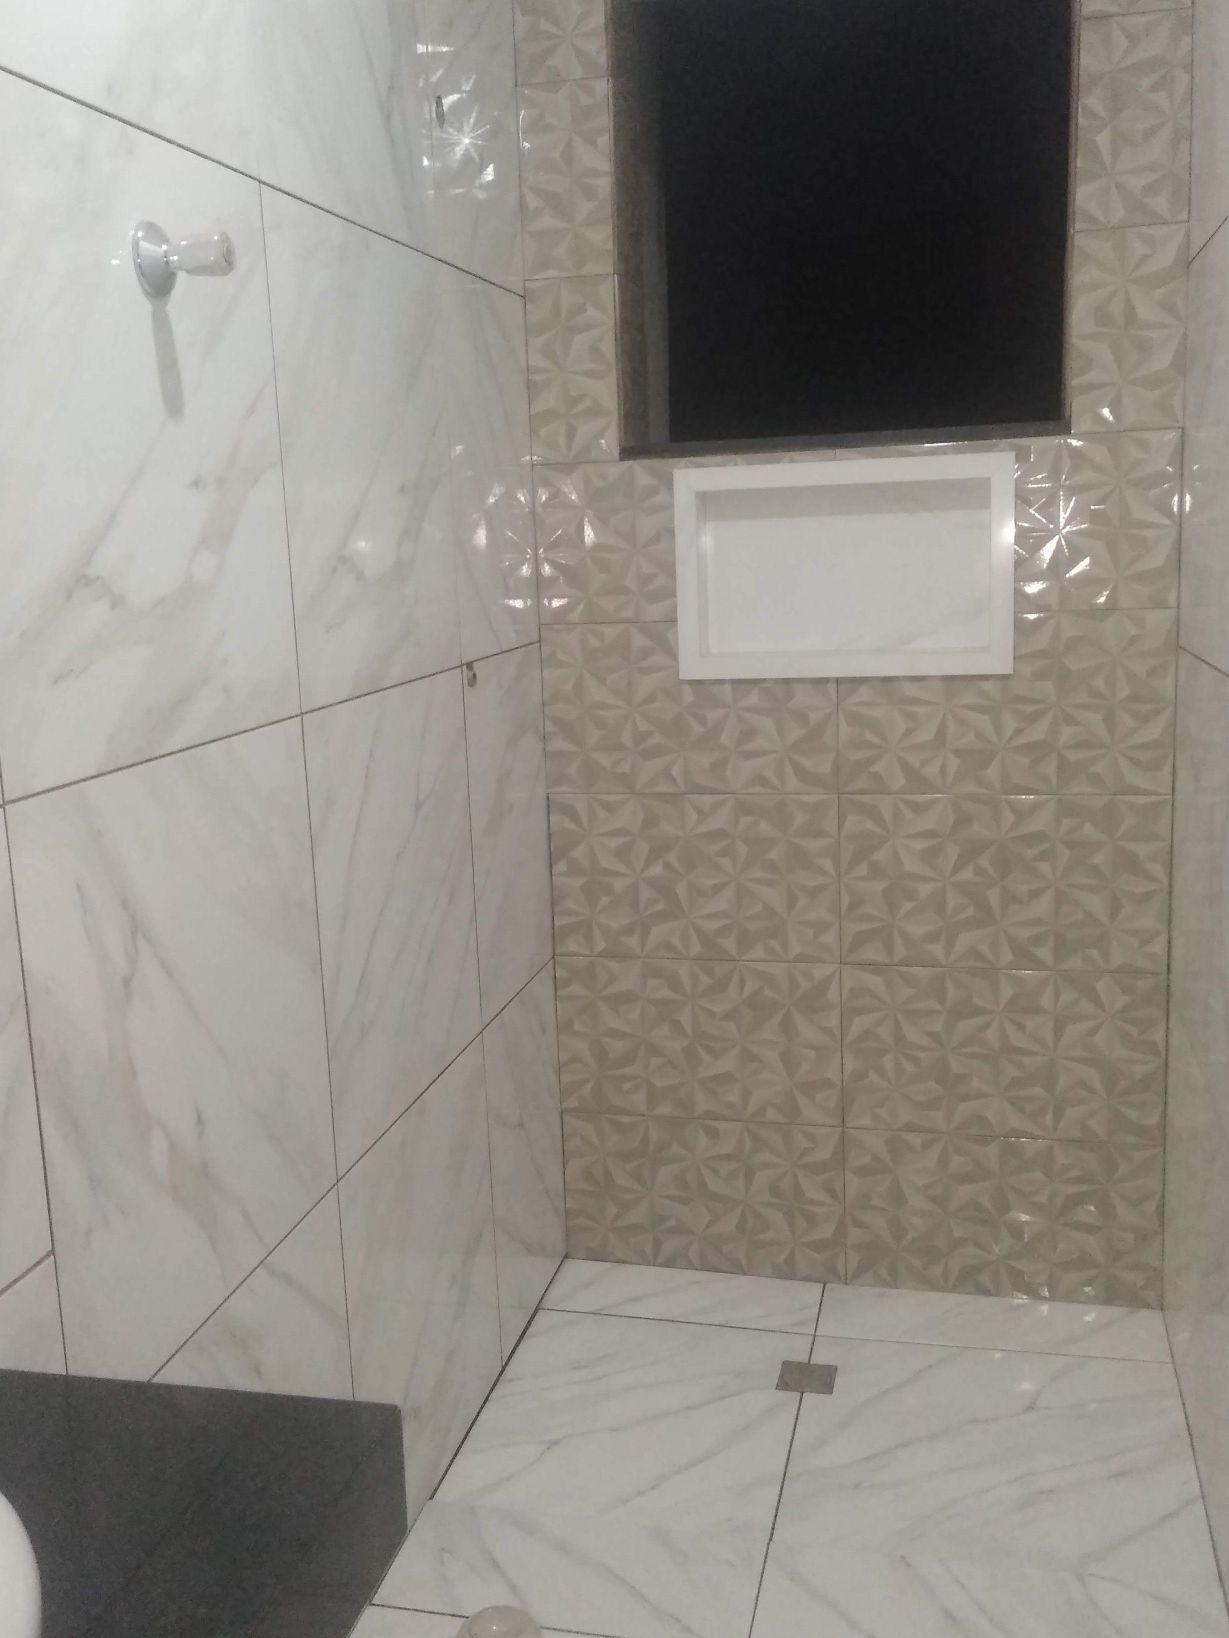 acabamento do banheiro